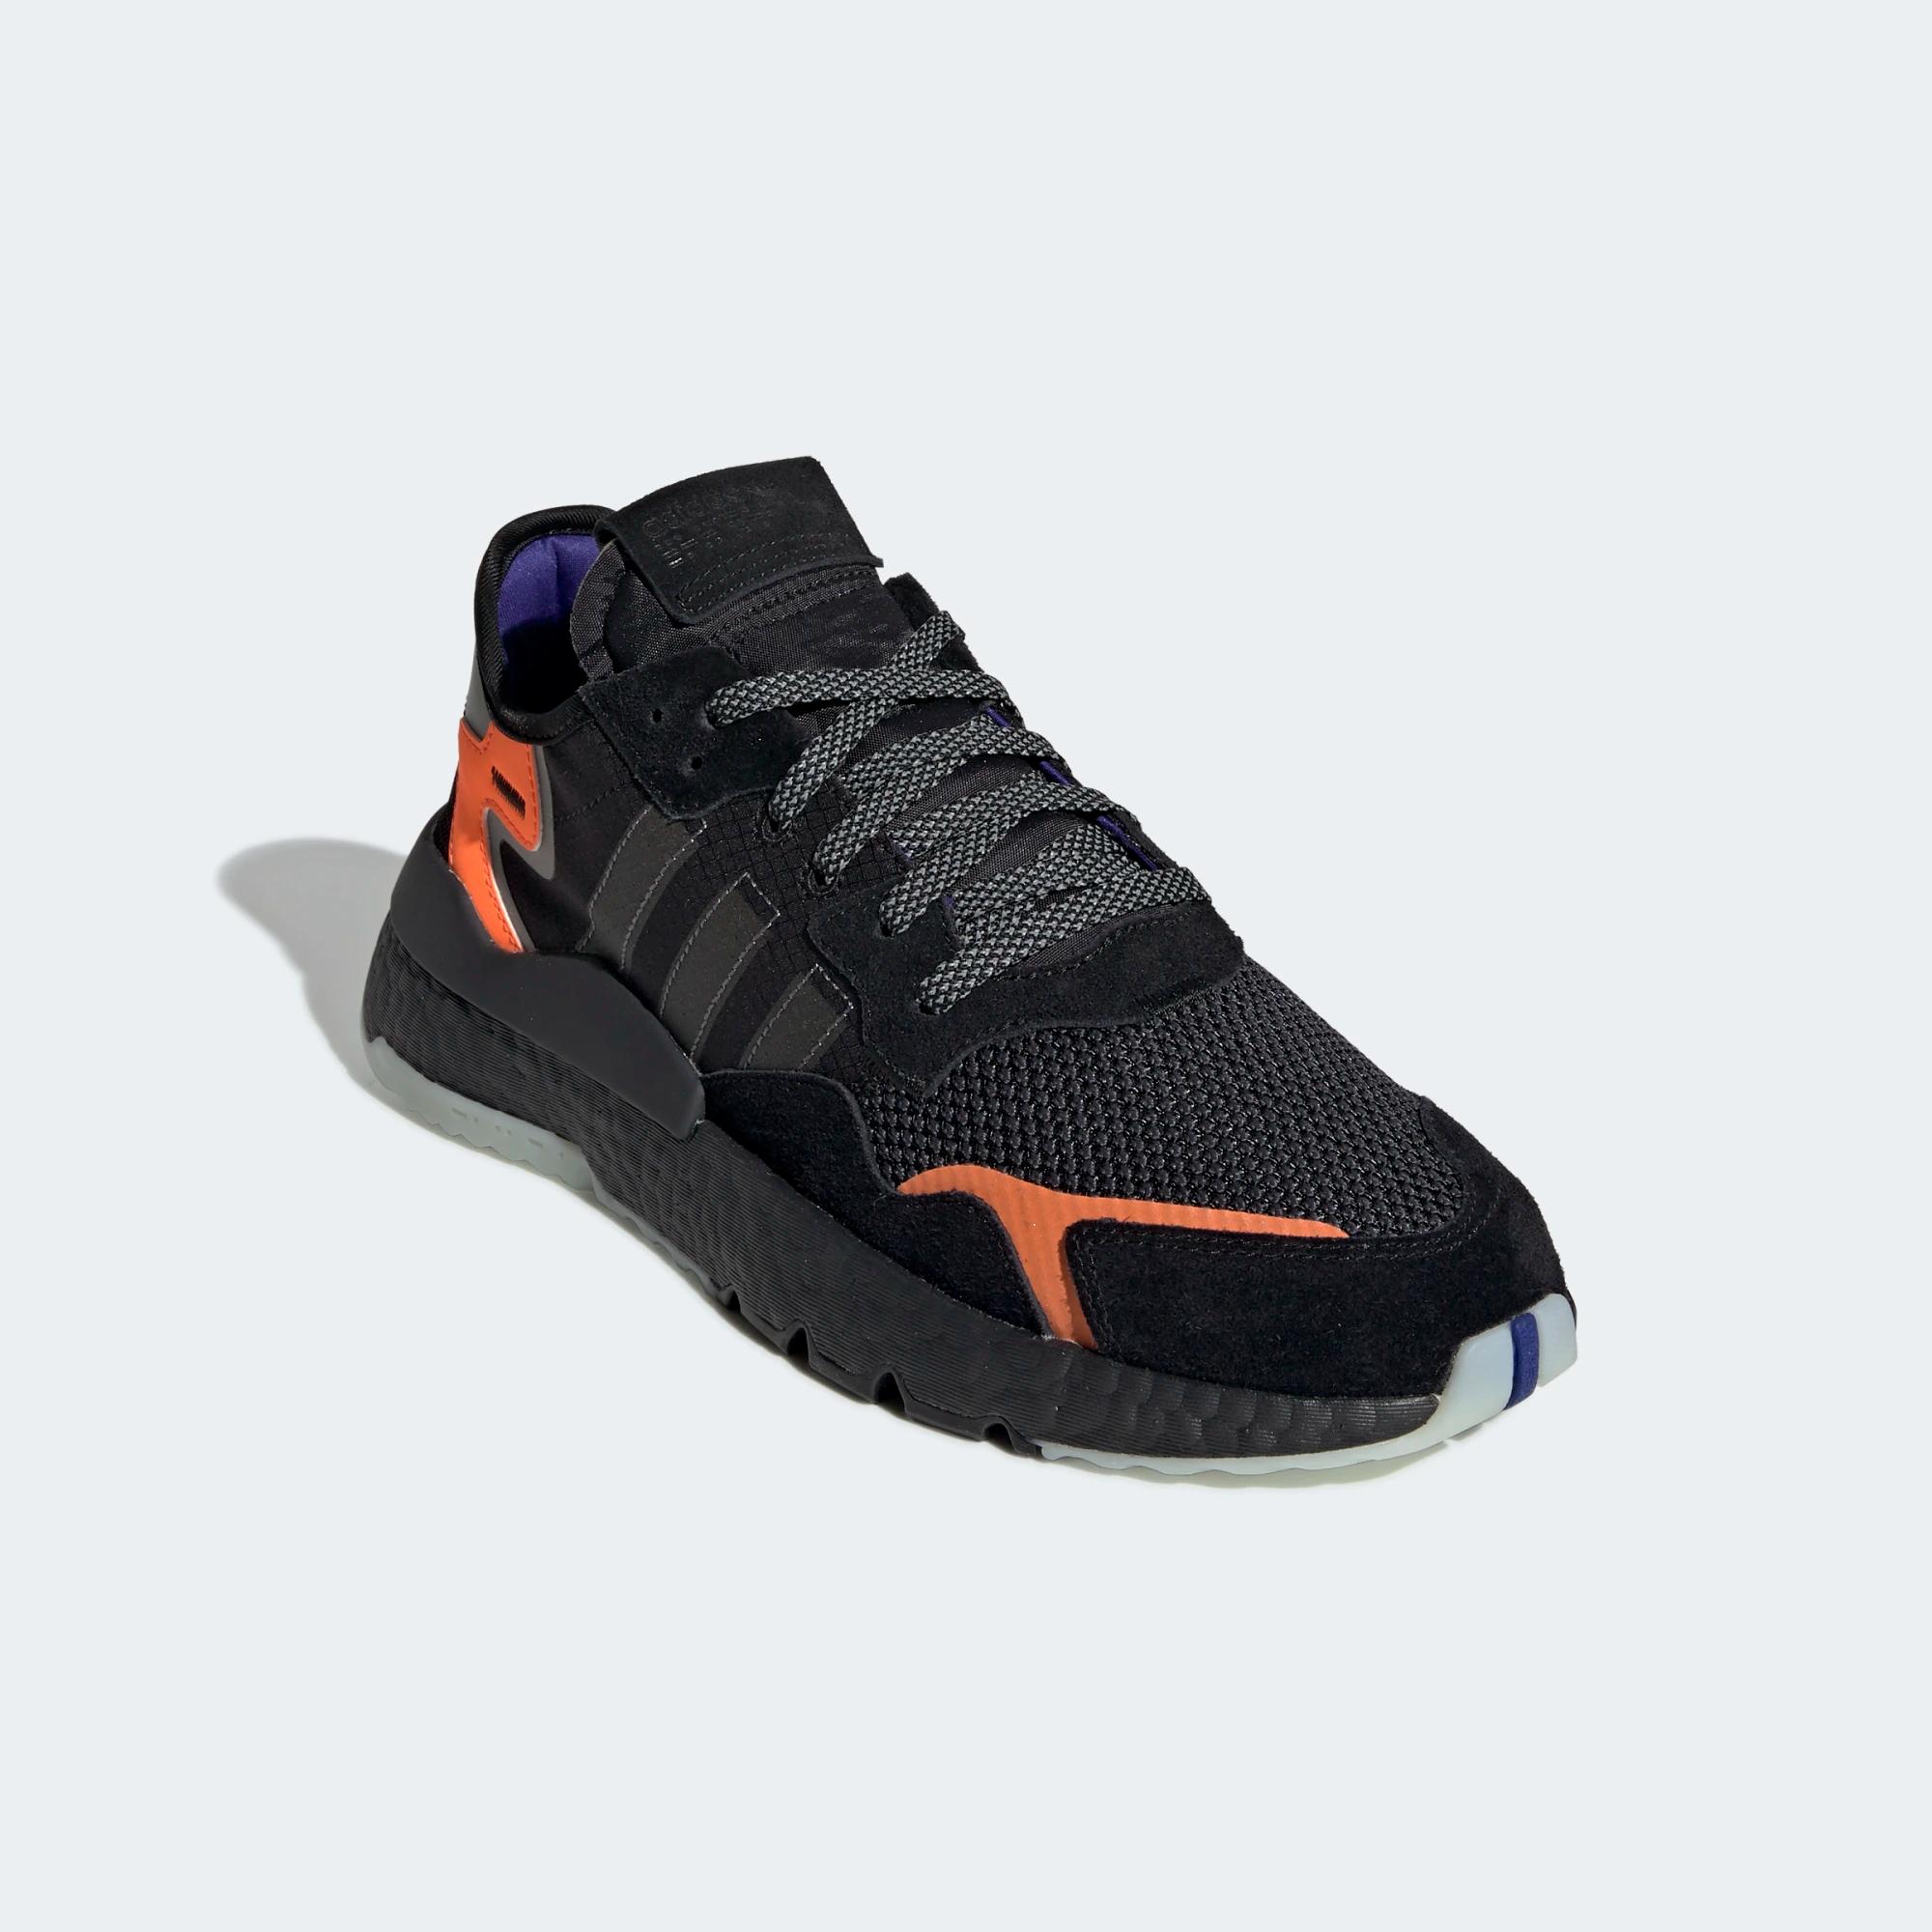 CG7088 adidas Nite Jogger Boost 4